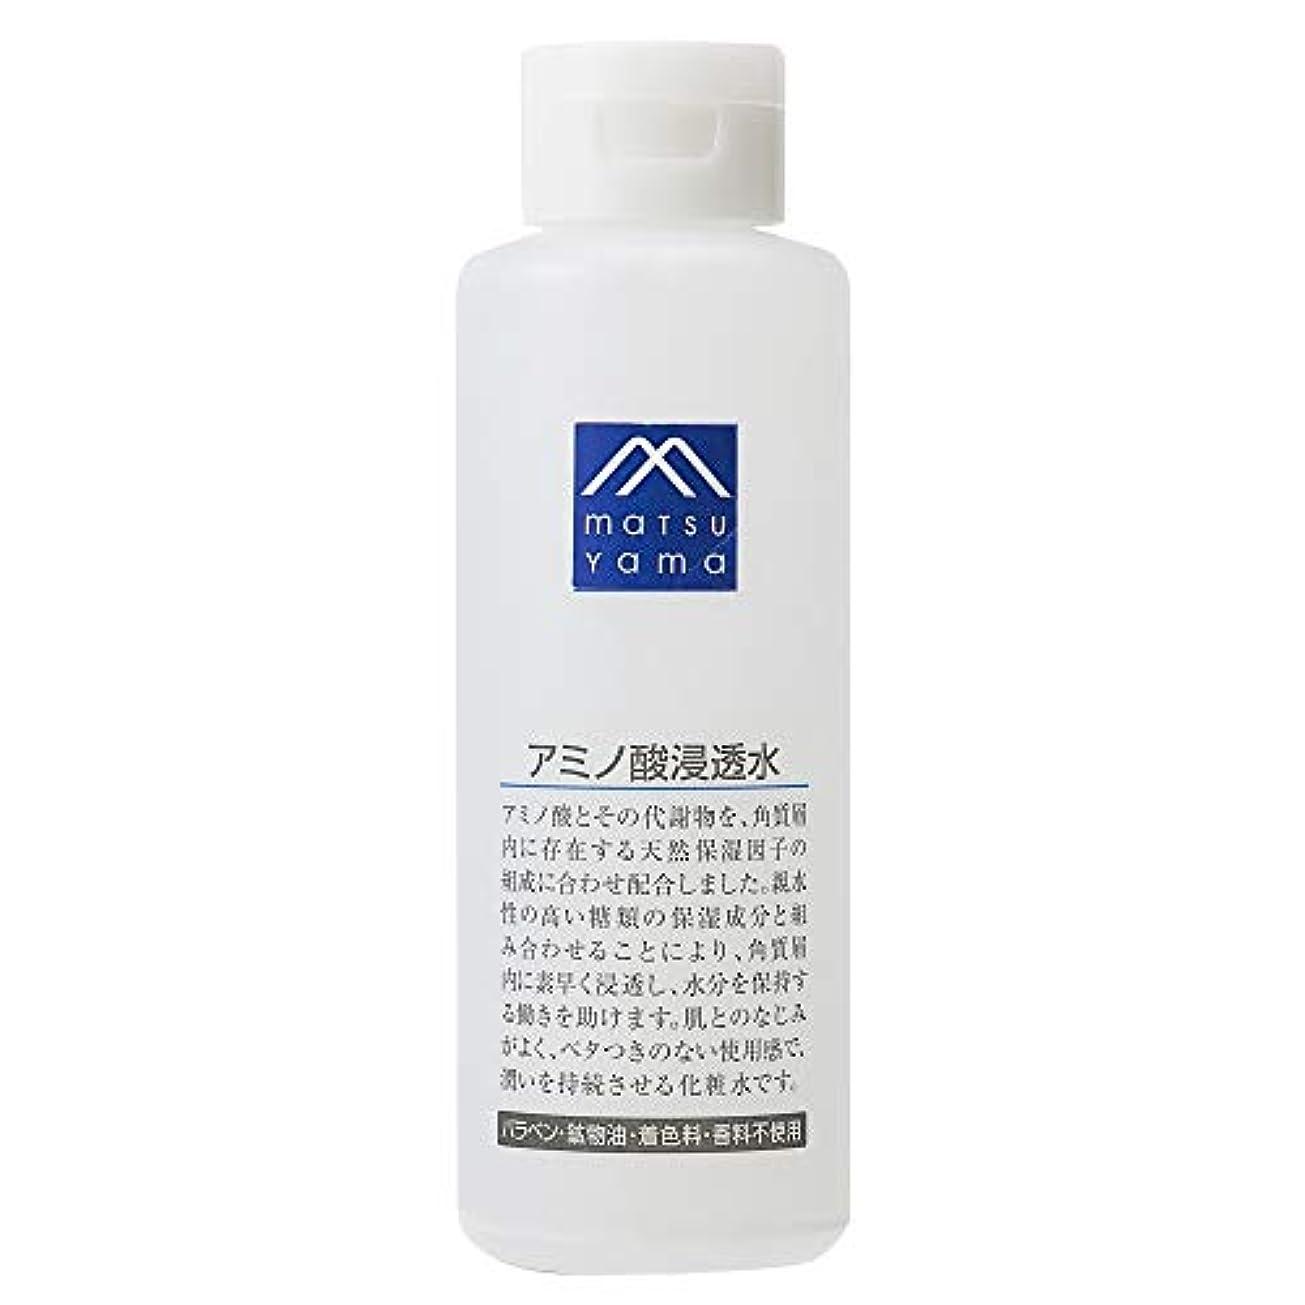 ベッツィトロットウッド黙脚Mマーク(M-mark) アミノ酸浸透水 化粧水 200mL